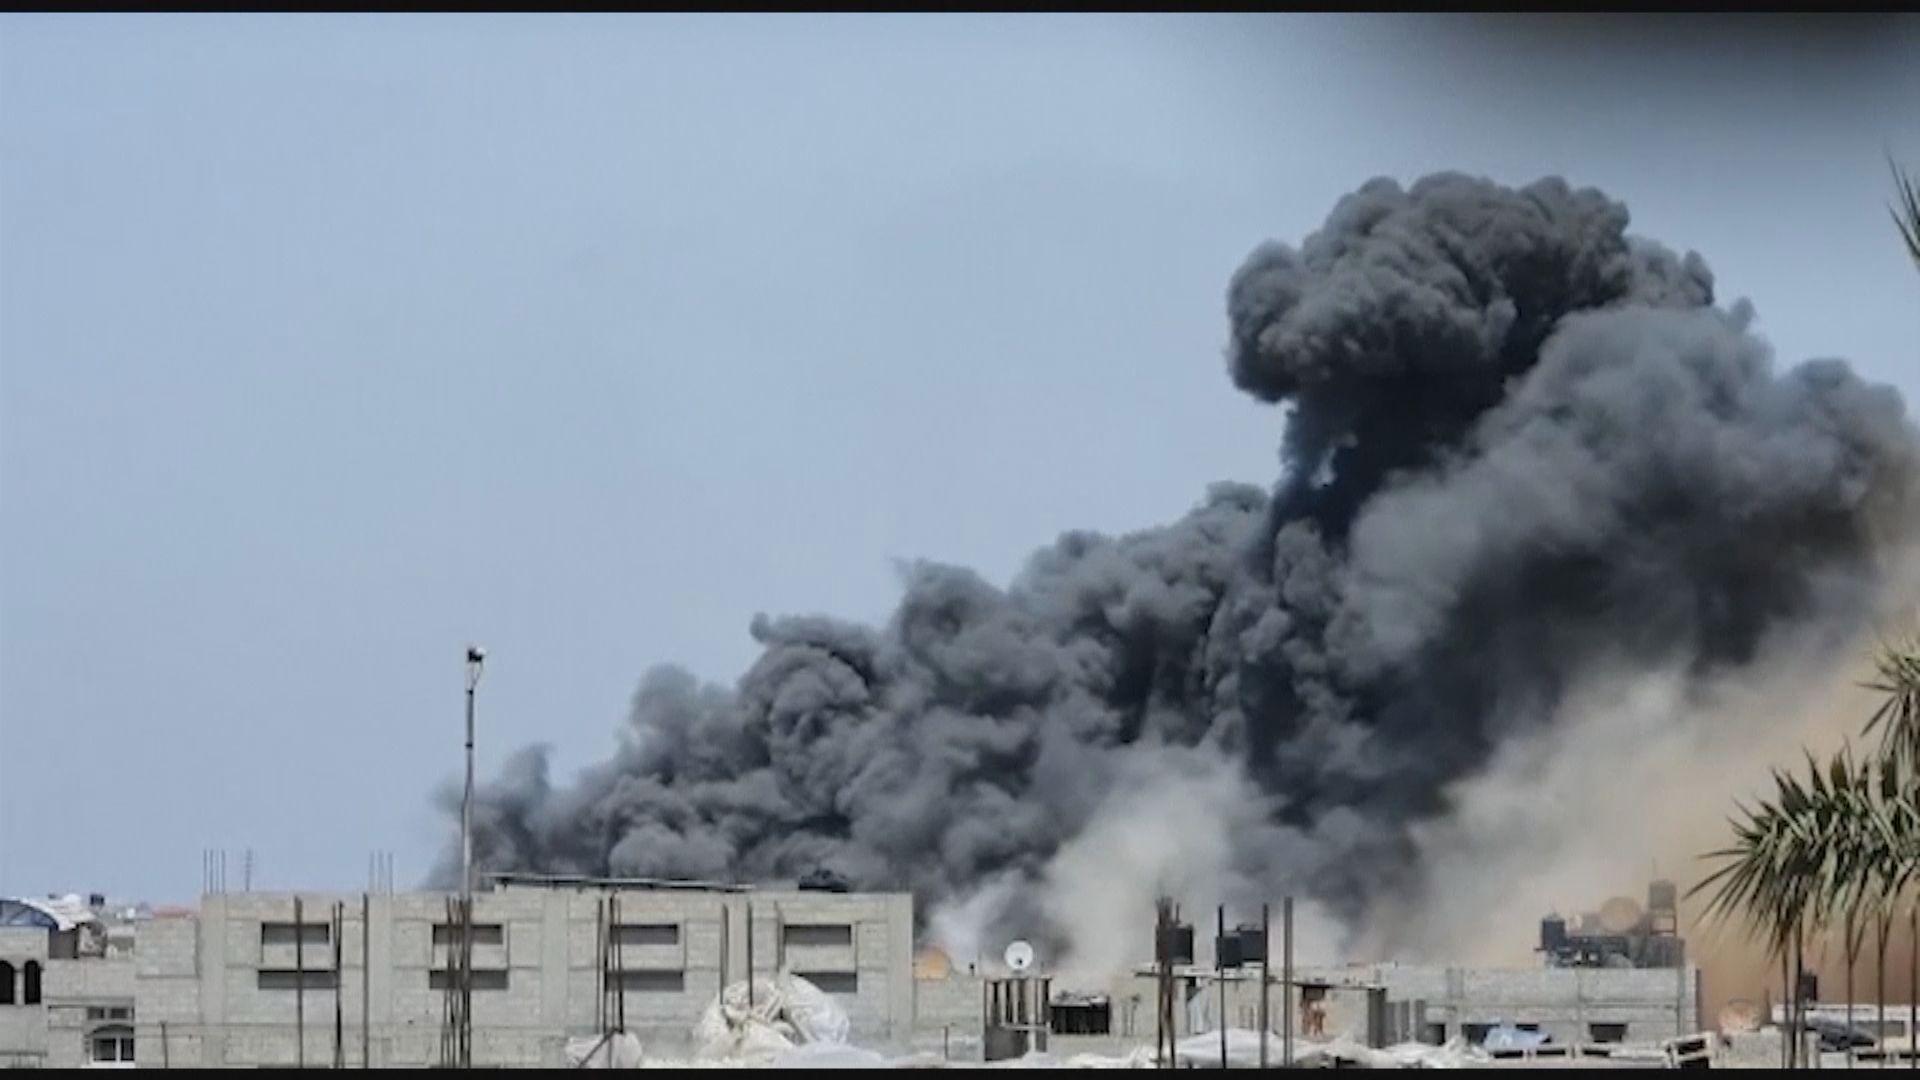 以巴停火協議生效 加沙傳來歡呼聲